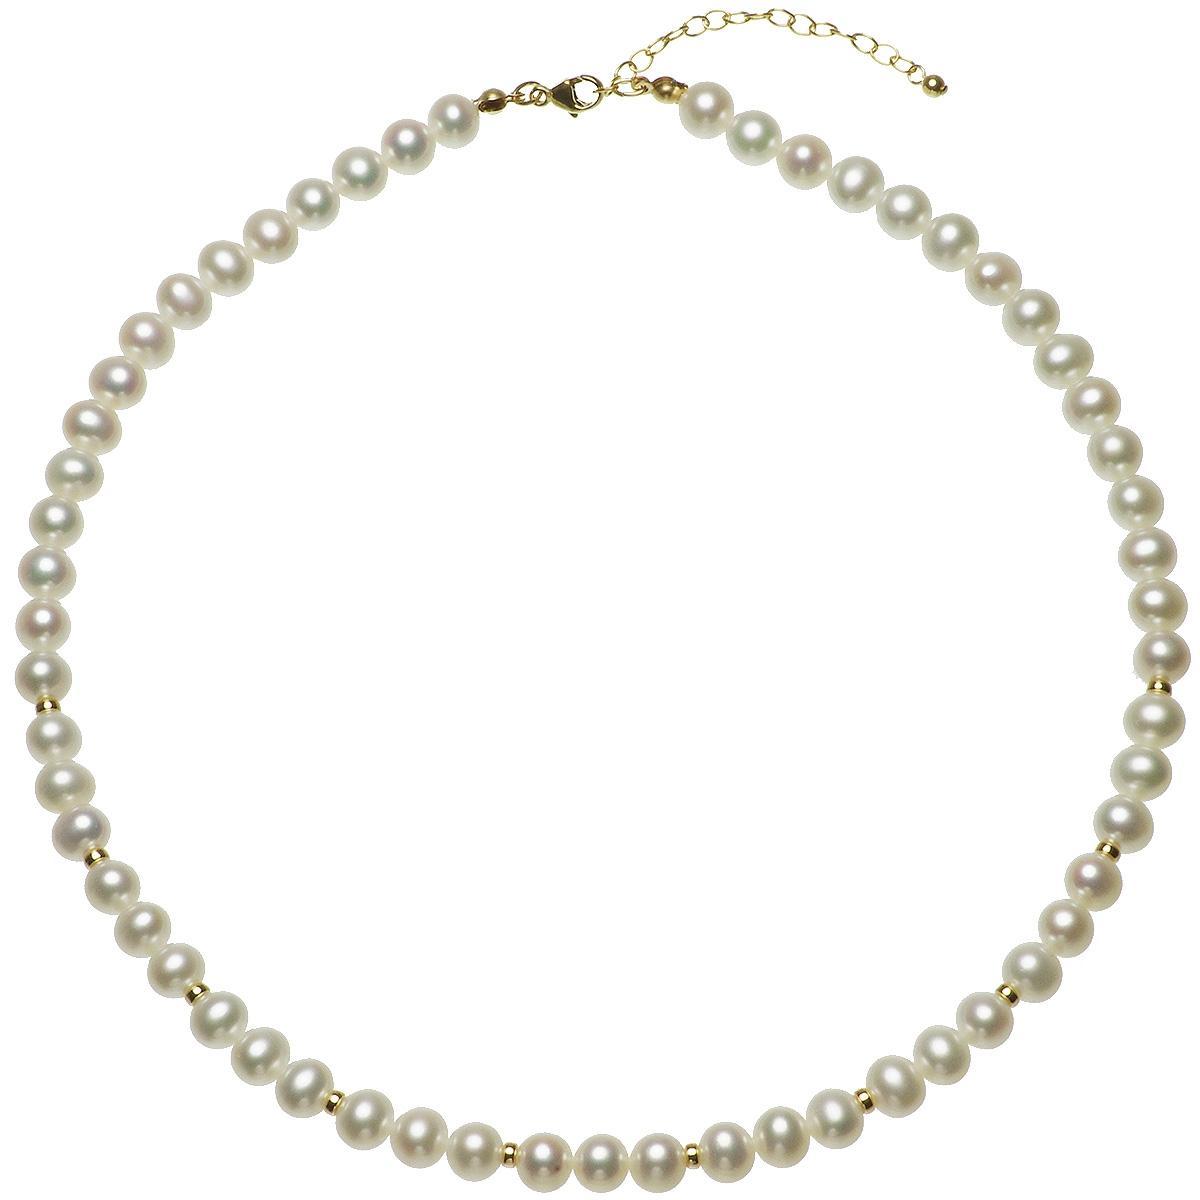 淡水 真珠 パール シンプル セミフォーマル ネックレス 6.5-7.0mm 14金 ゴールドフィールド K14GF ギフト プレゼントの写真